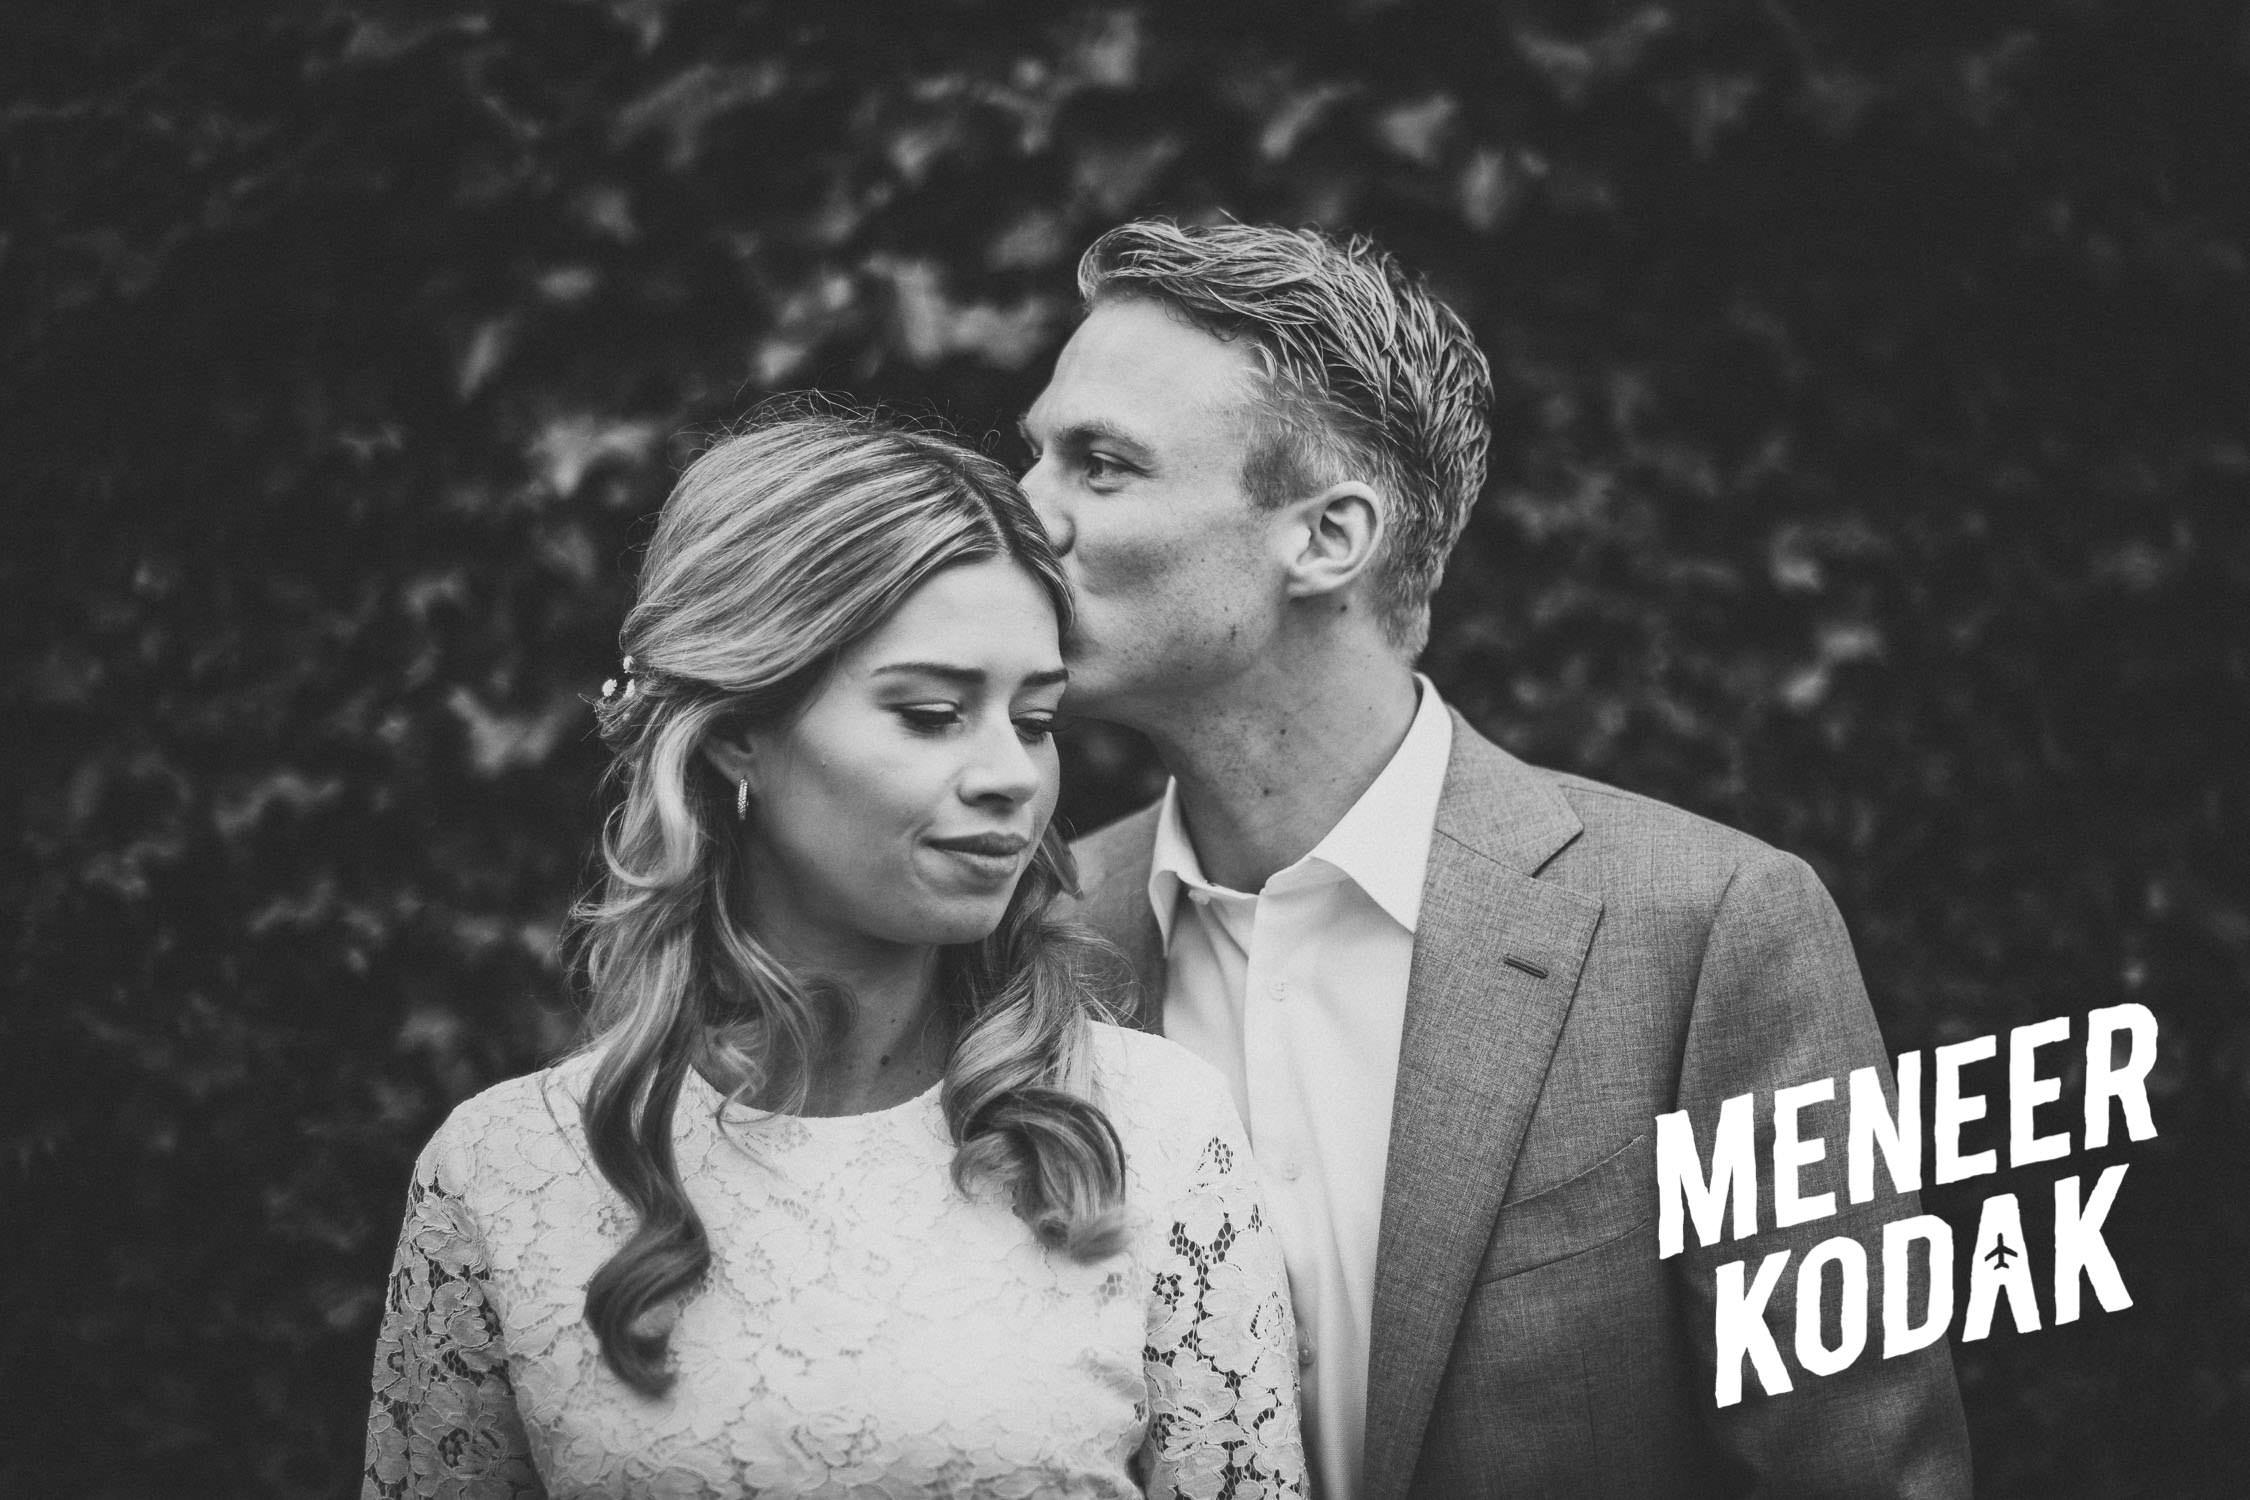 Meneer Kodak - Bruidsfotograaf - Roosendaal - A&D-068.jpg